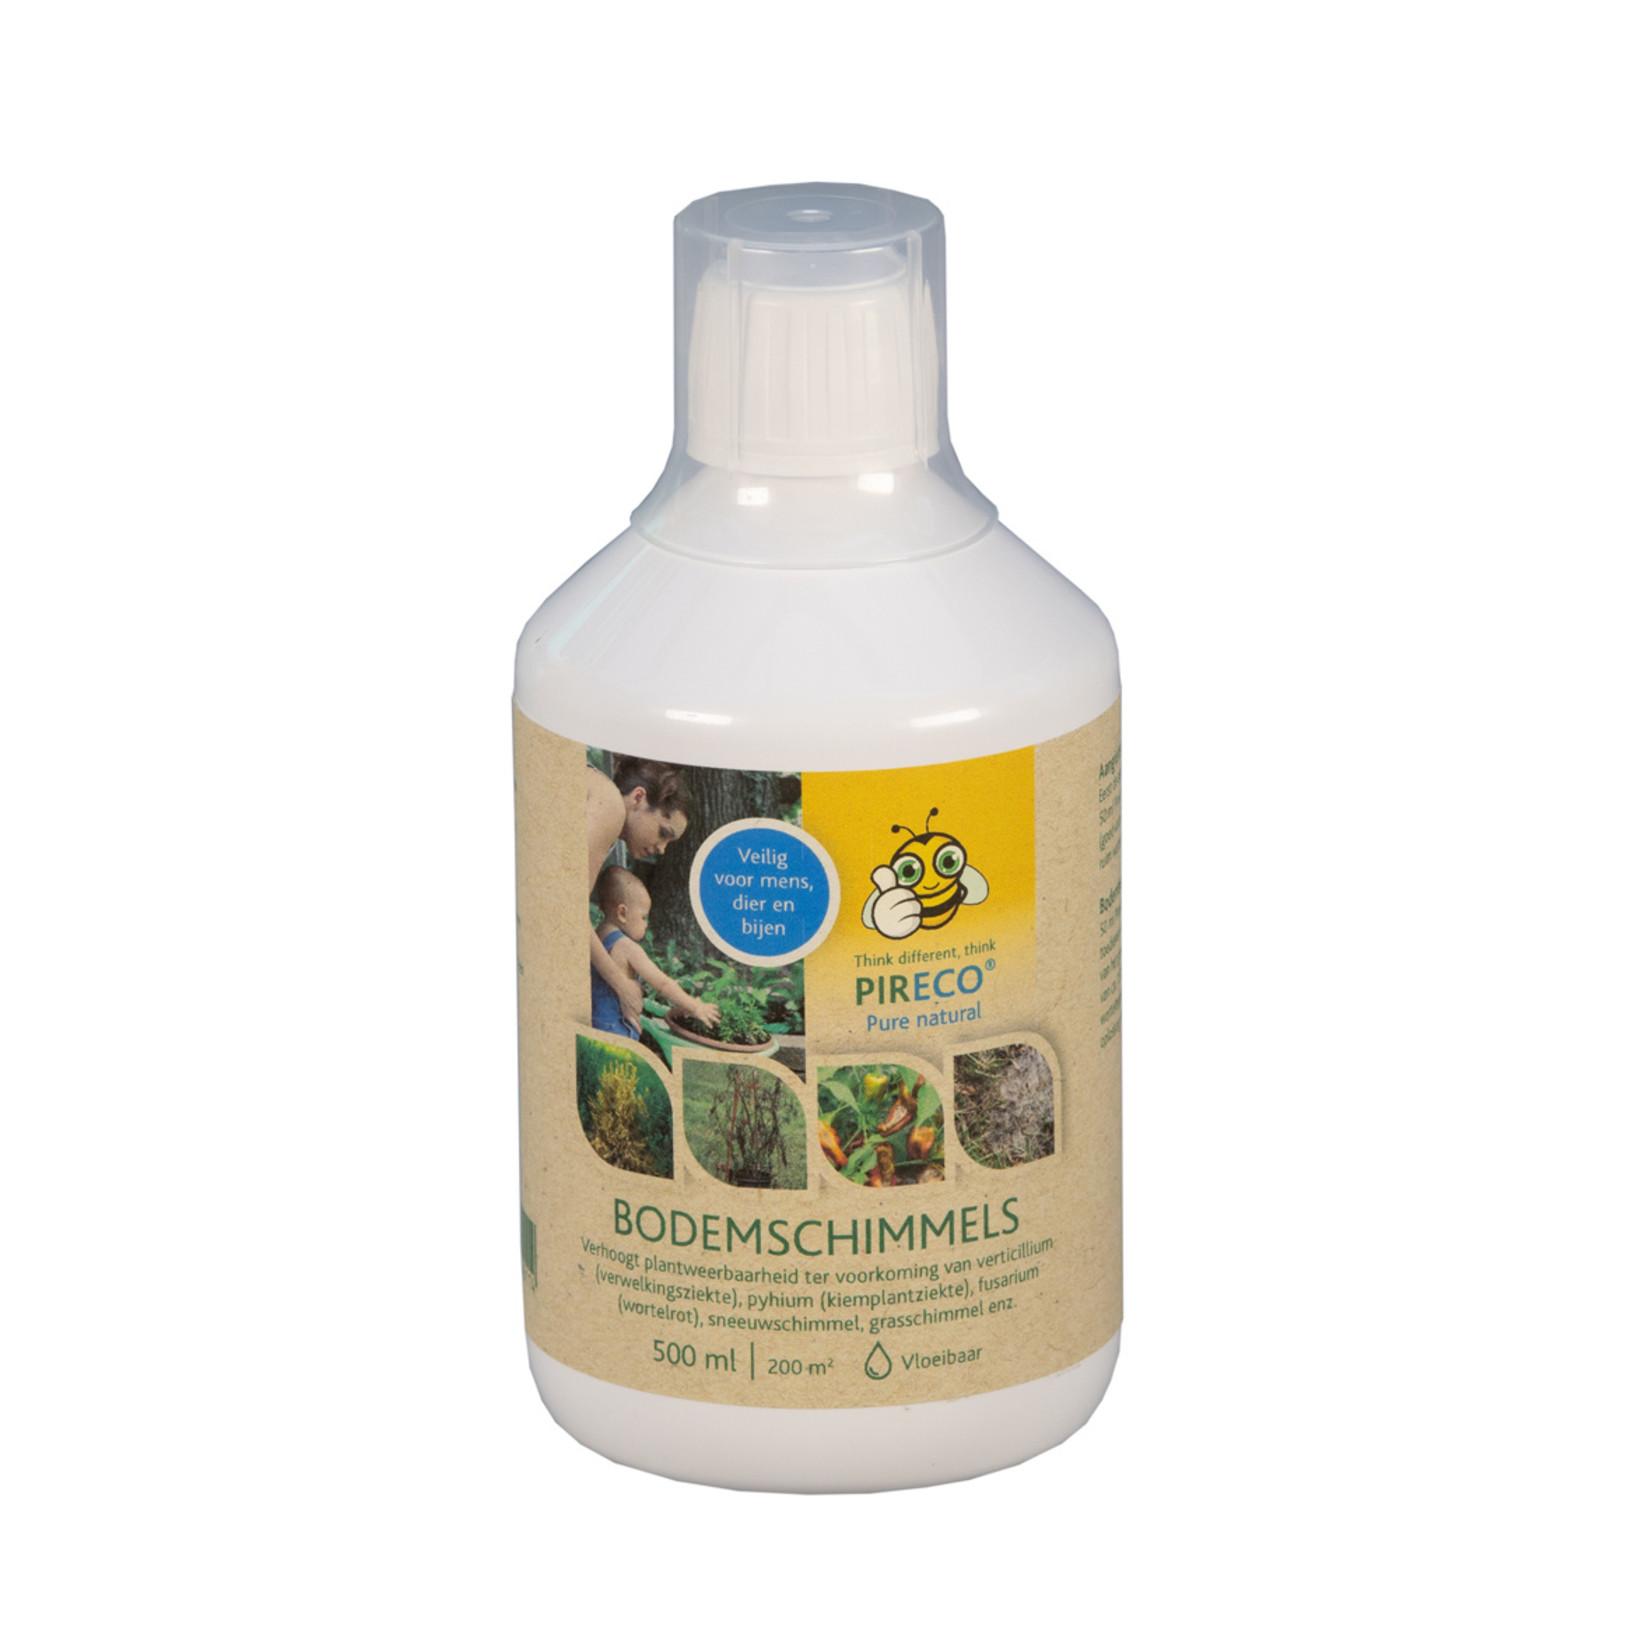 Pireco Bodemschimmels Vloeibaar 500 ml